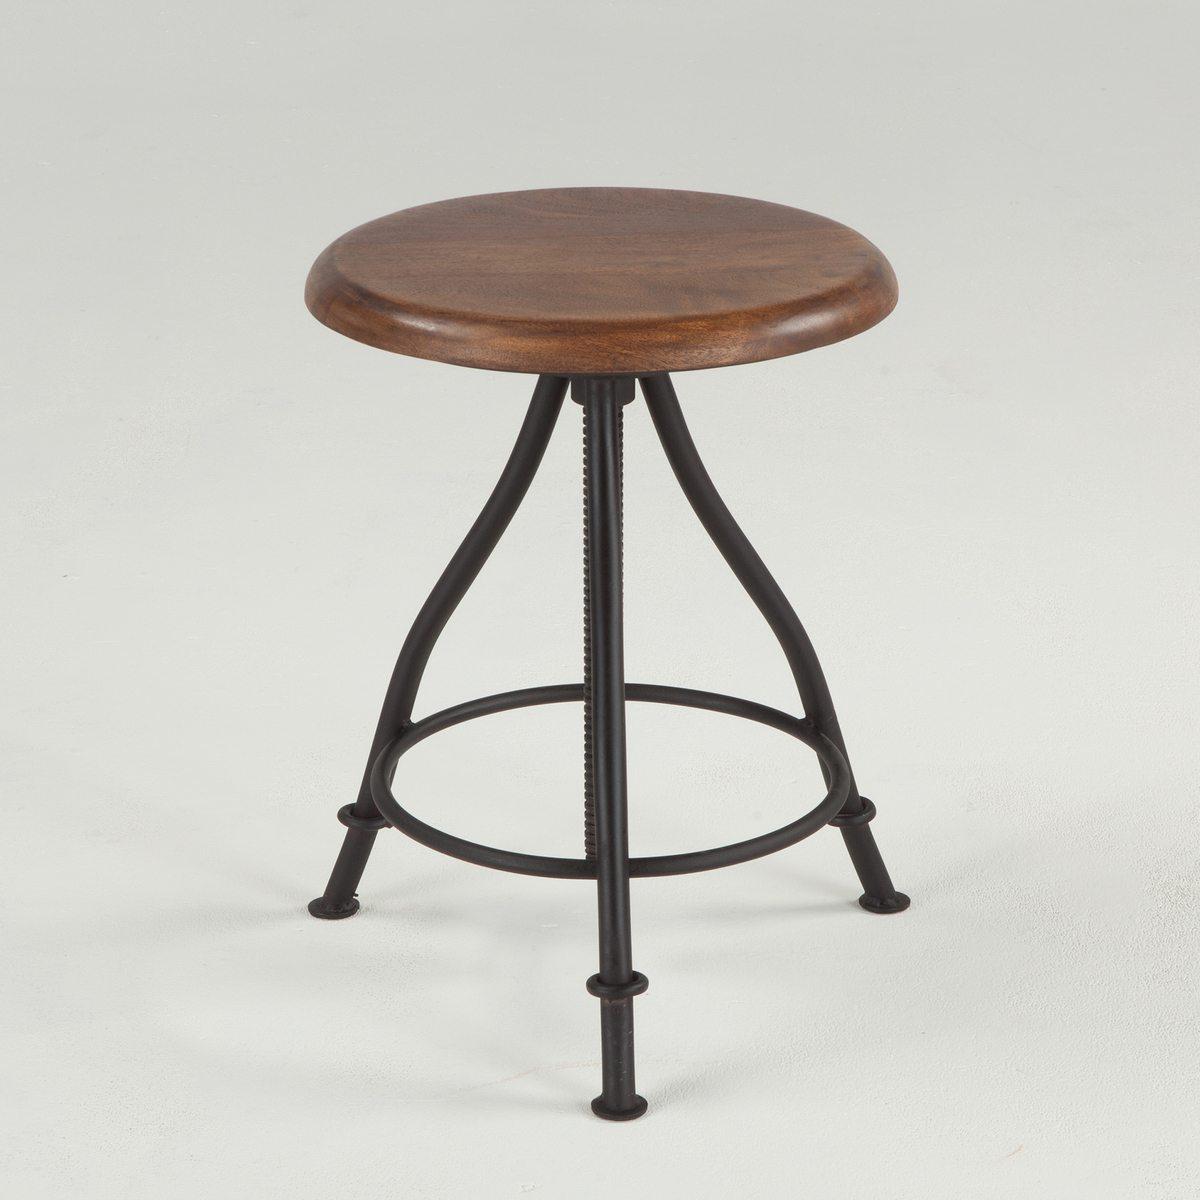 walnut-top-stool-1